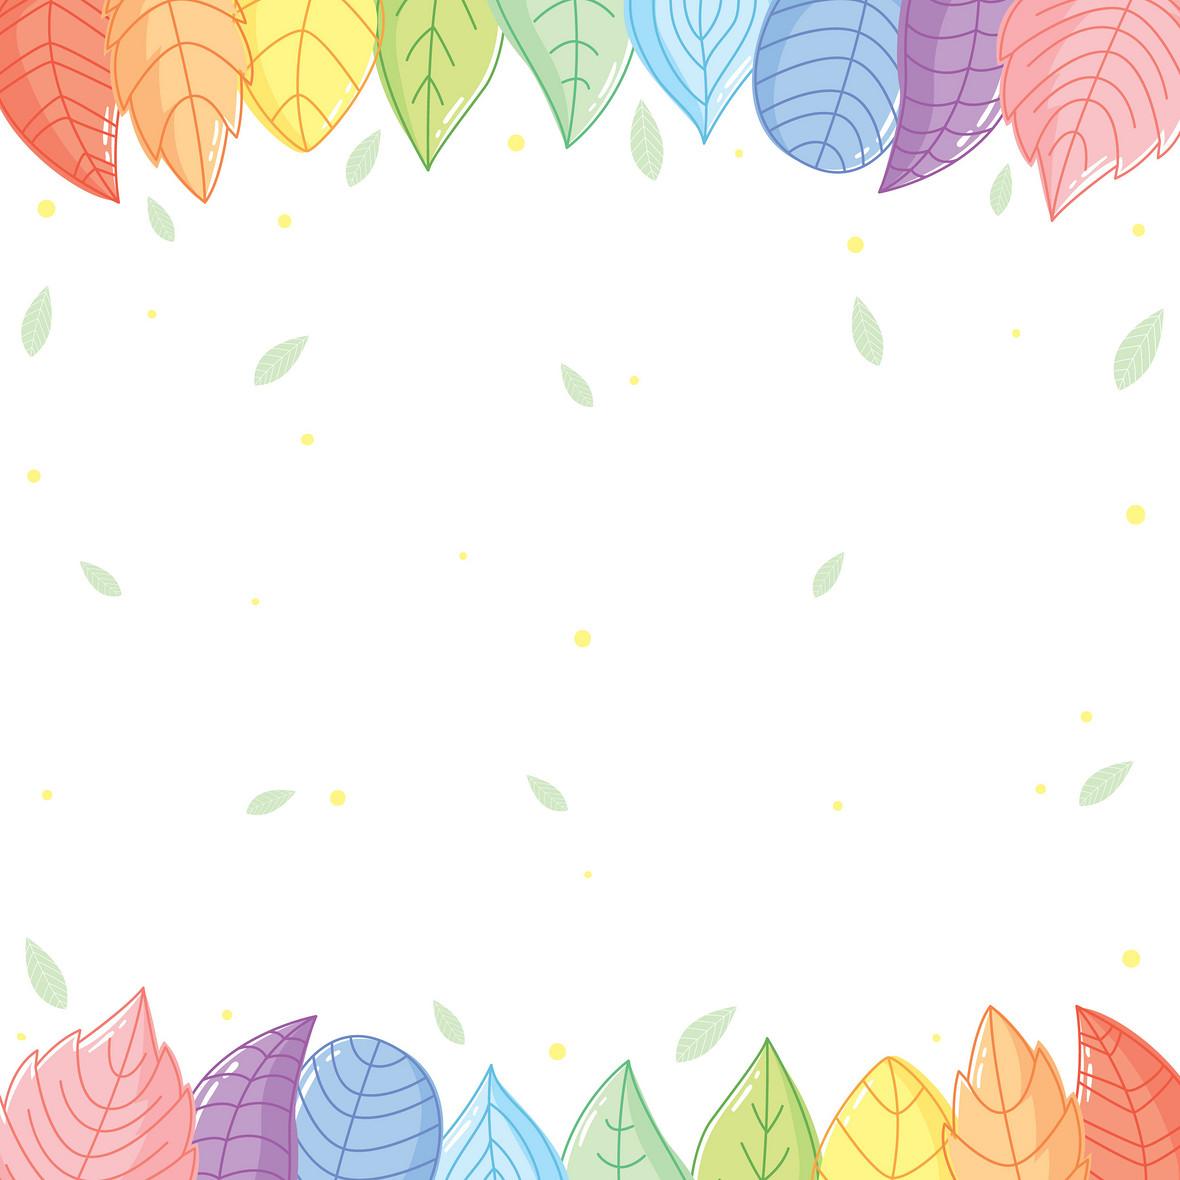 绿色树叶可爱背景卡通童趣矢量背景 图精灵为您提供彩色树叶边框